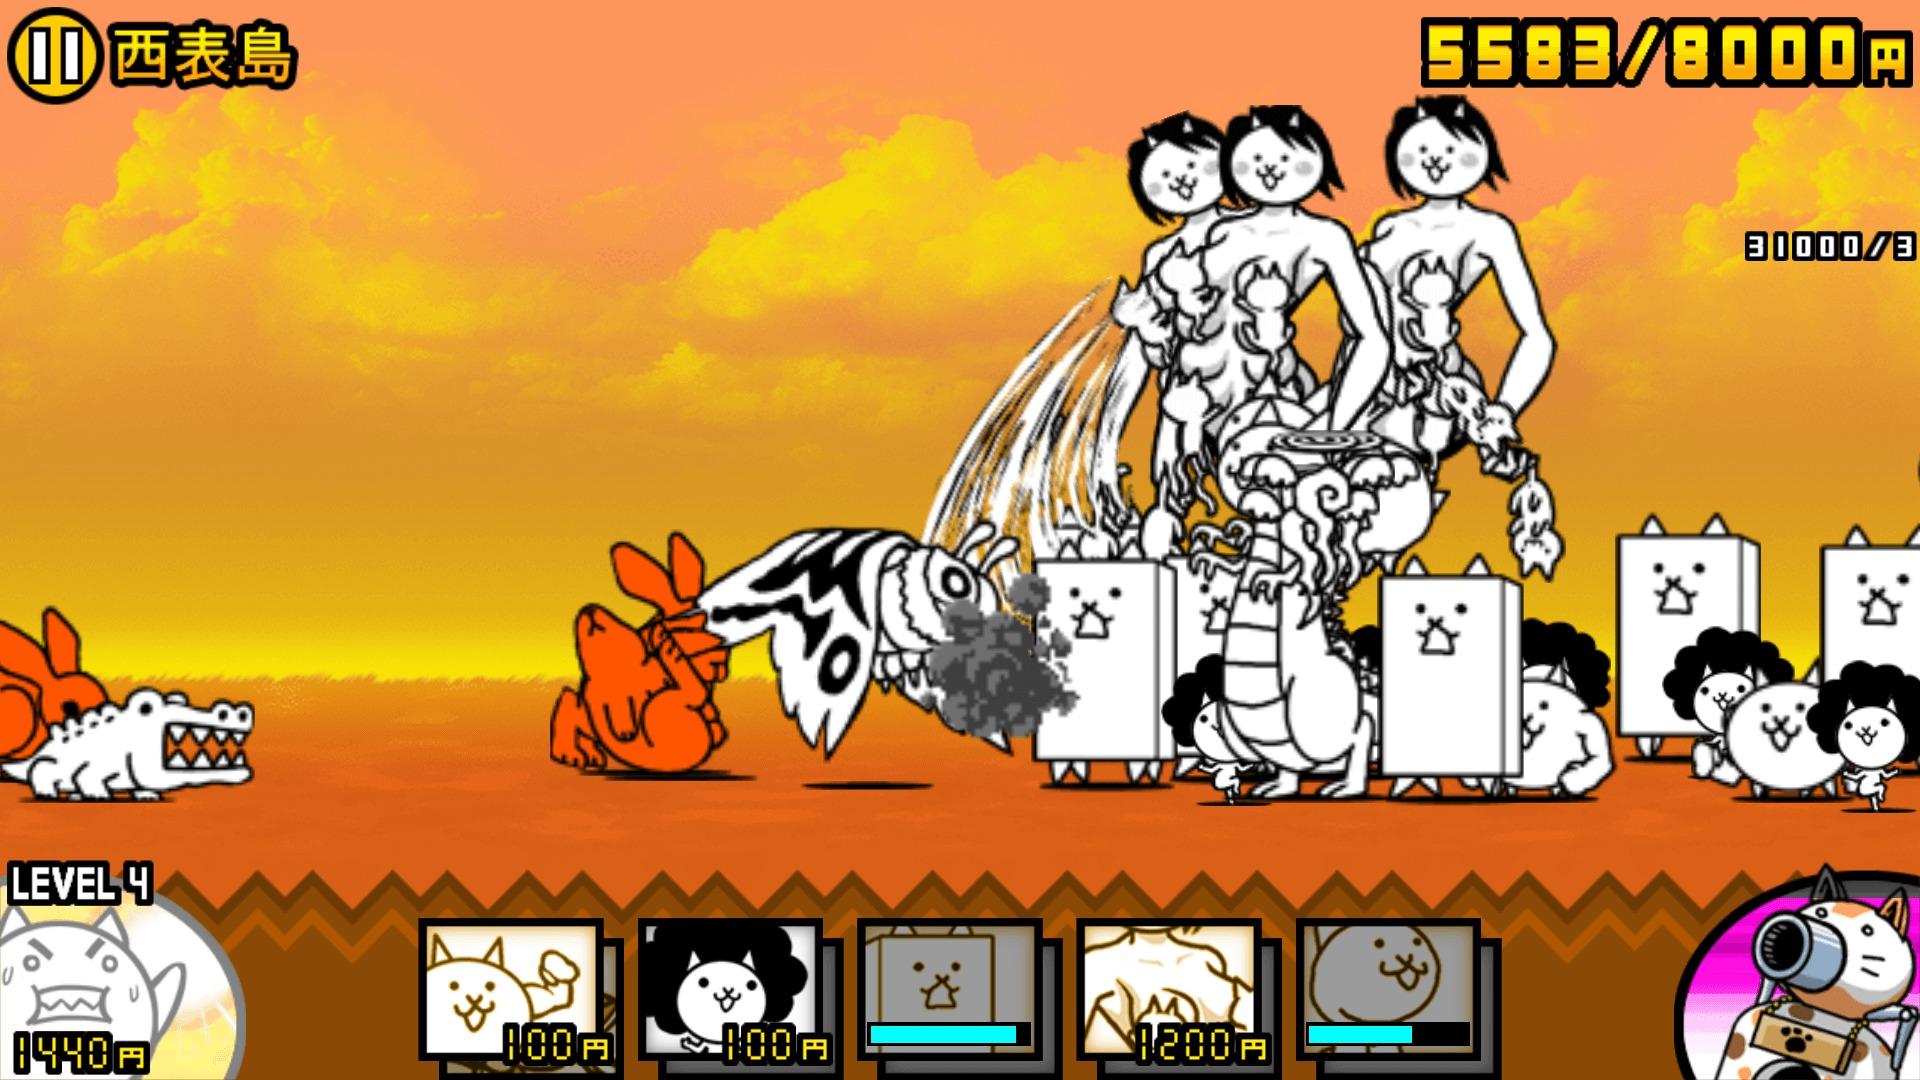 序盤はネコドラゴンとネコ聖母で敵を迎撃